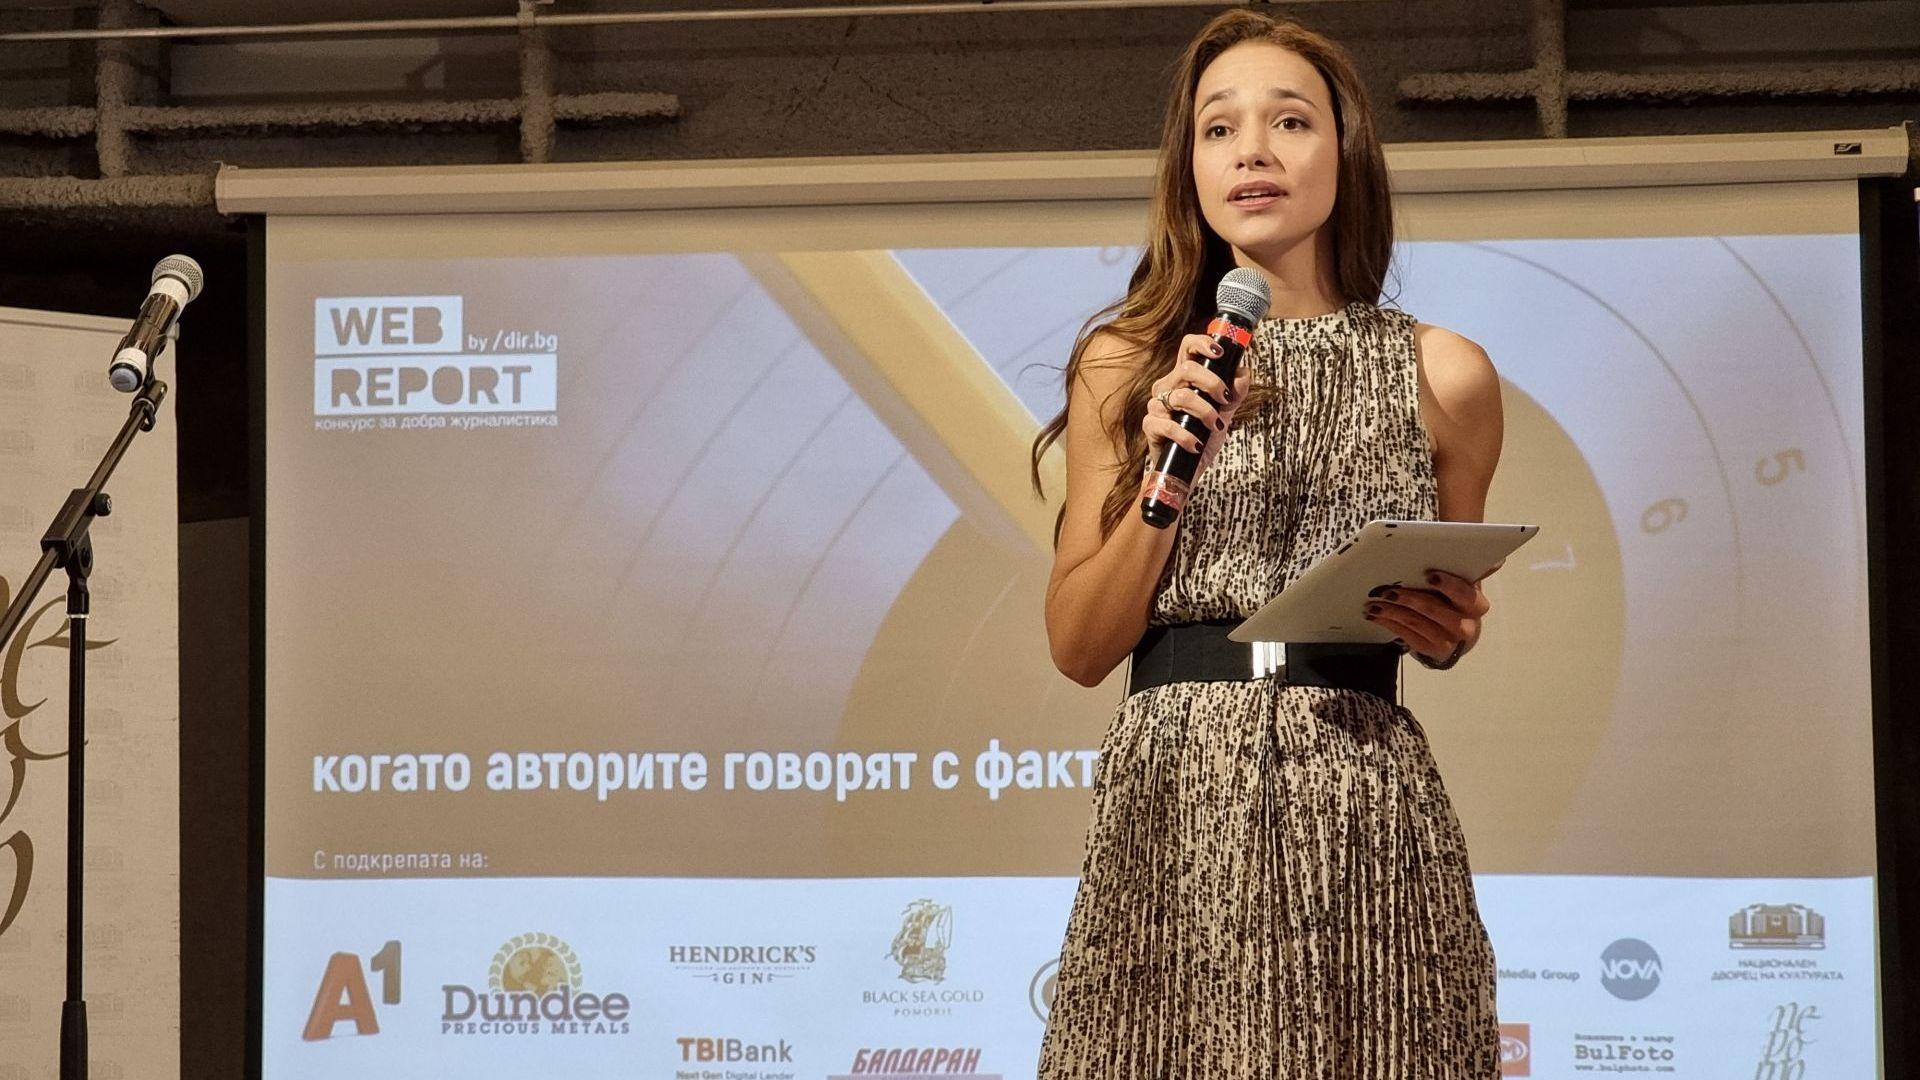 Ивайло Станчев получава наградата от Мария Желязкова, Head of corp communication, TBI Bank.